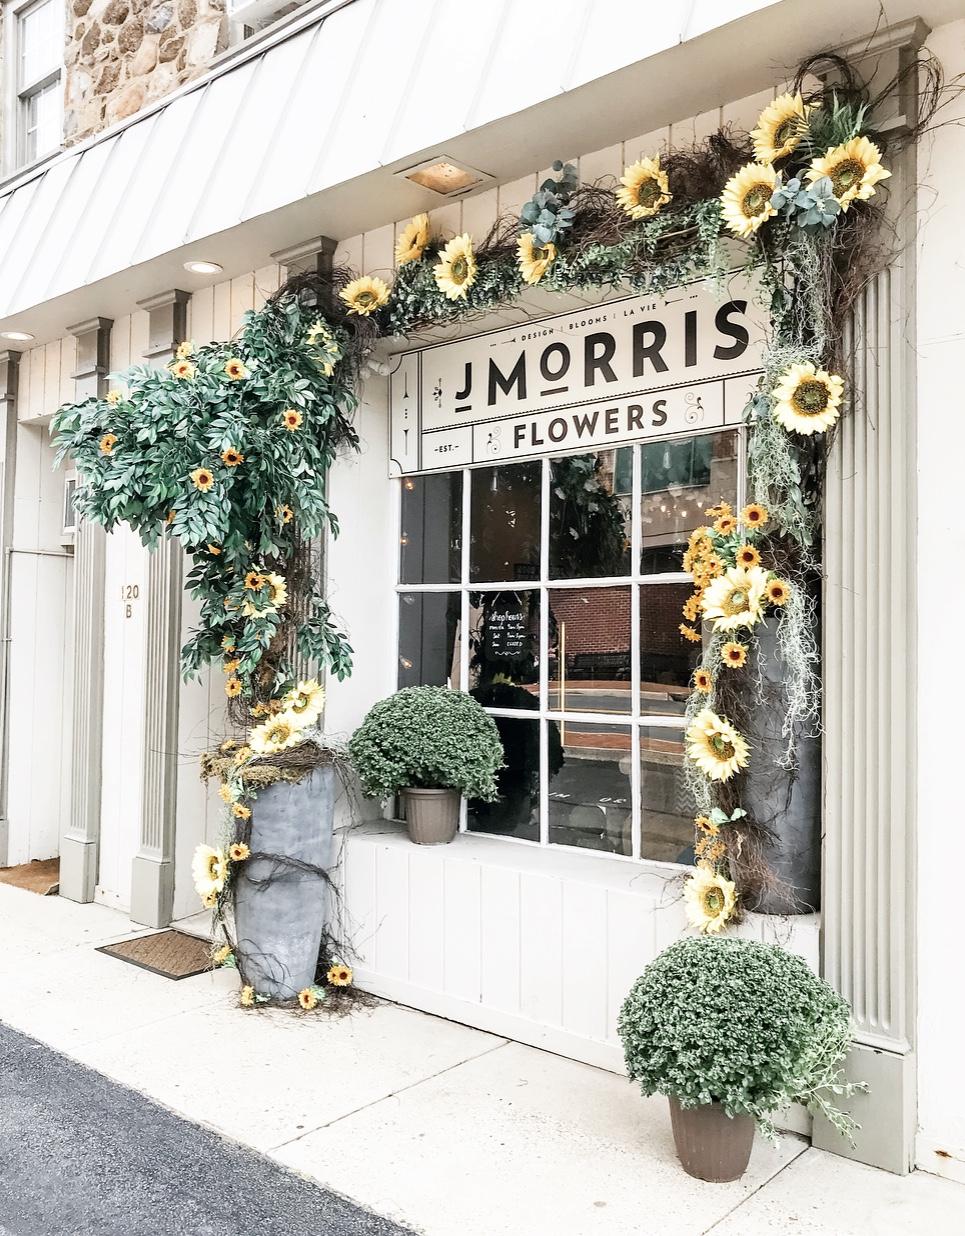 Jennifer Morris, Floral Designer, Owner & Founder, J. Morris Flowers